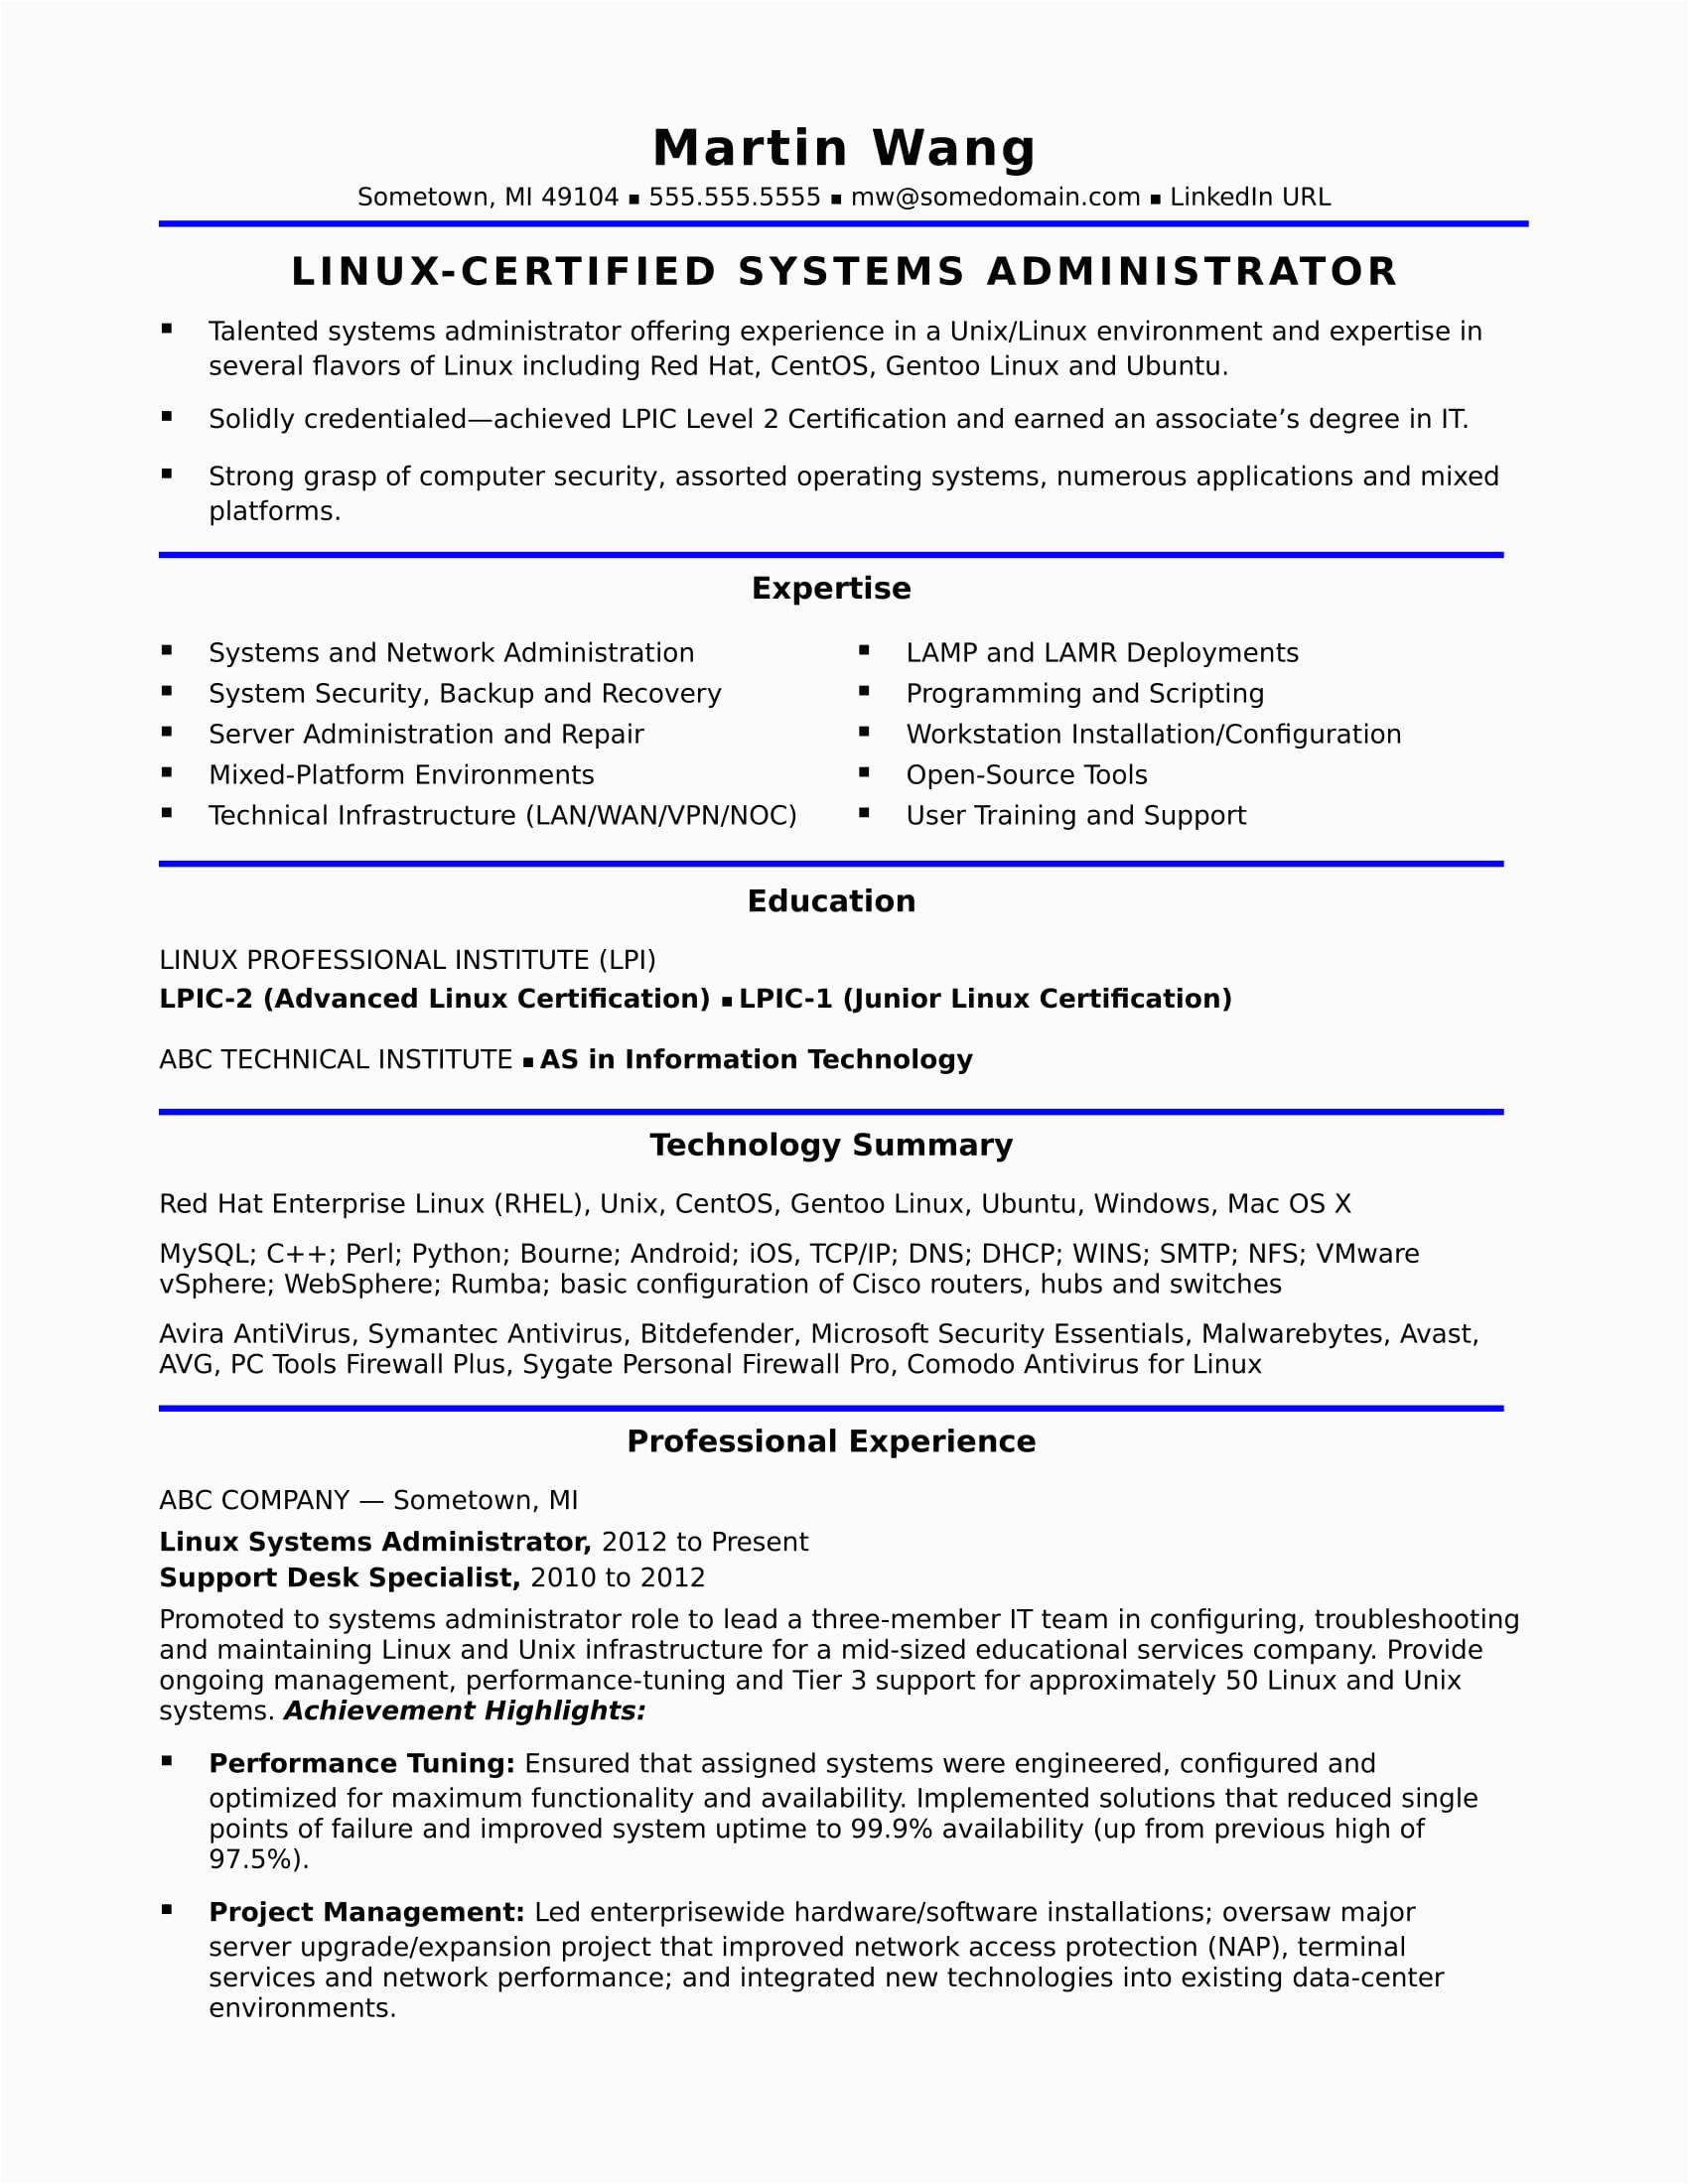 Sample Resume for System Administrator Fresher Sample Resume for A Midlevel Systems Administrator